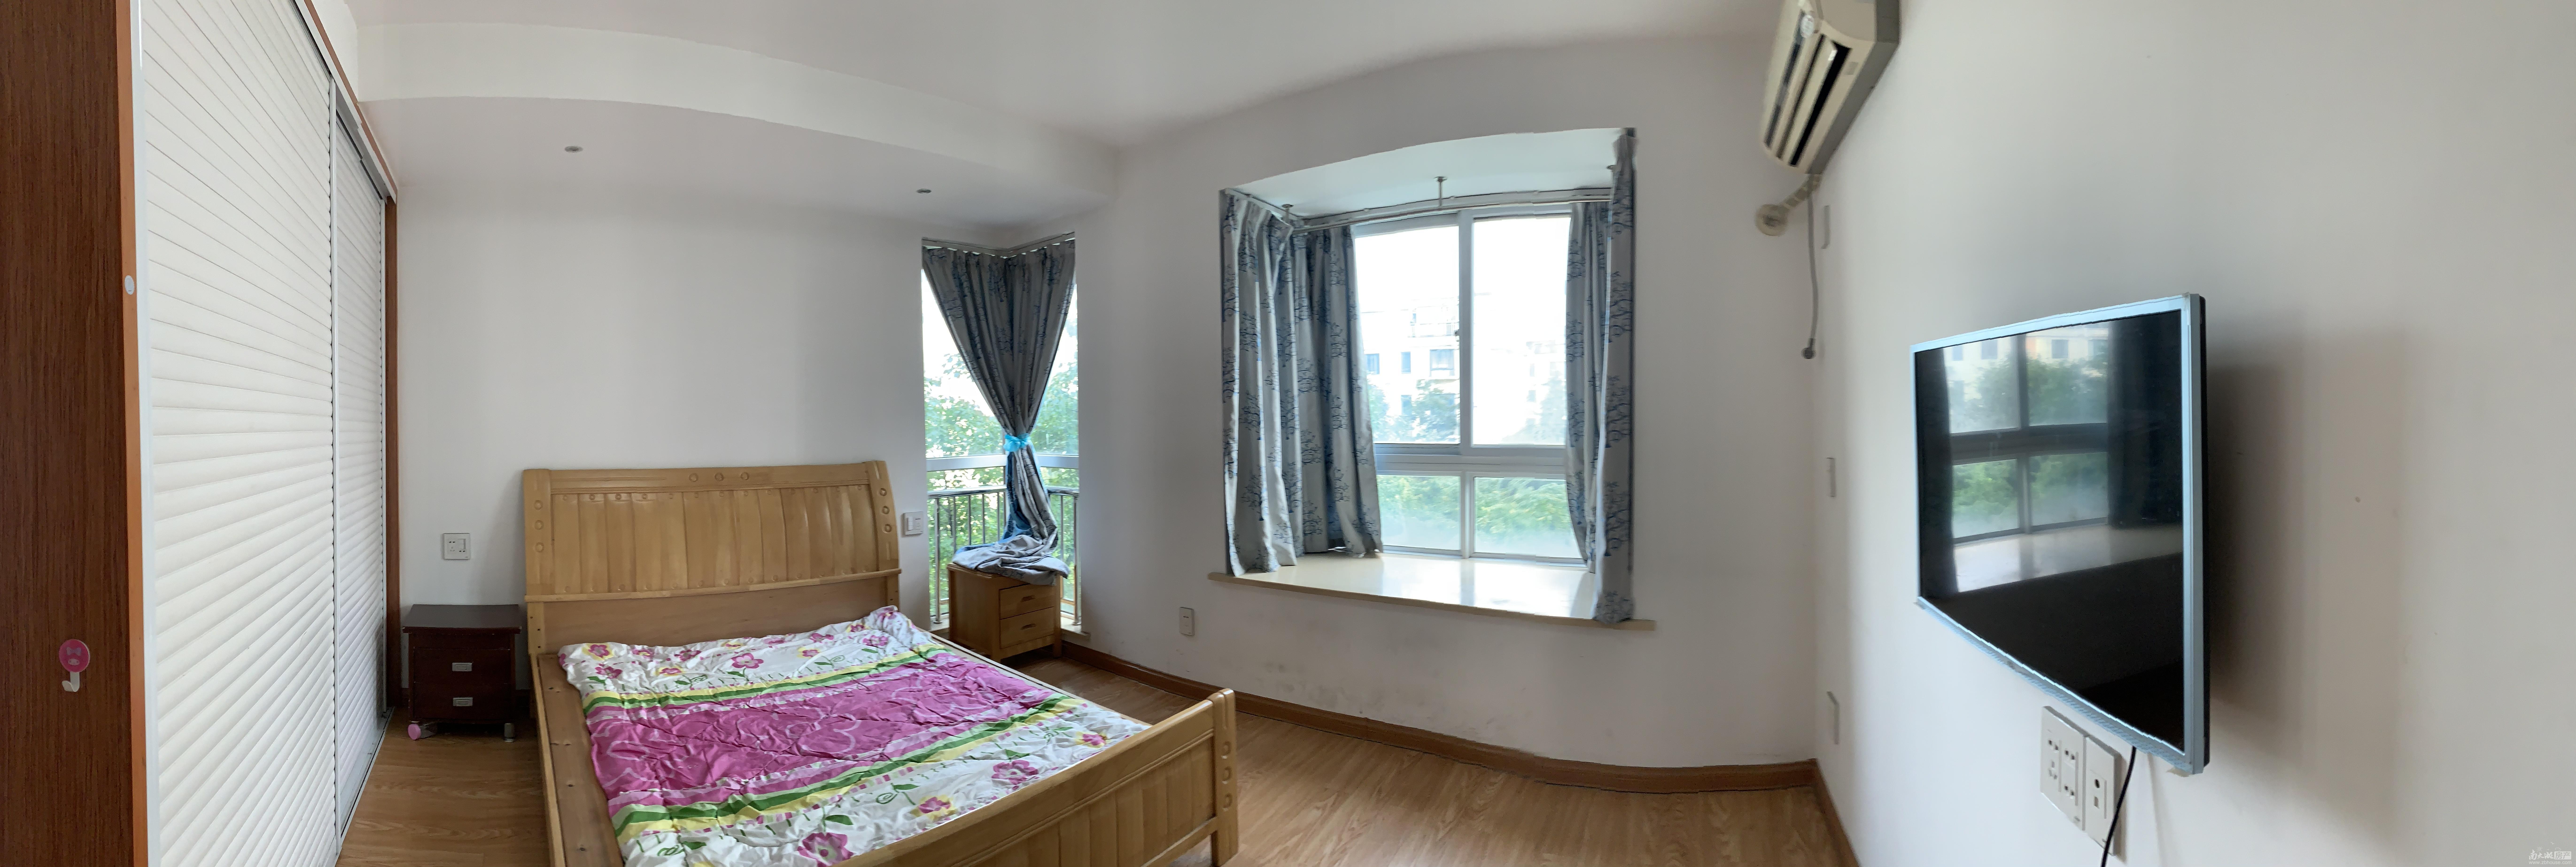 余家漾 四室二厅二卫 精装修 包物业费